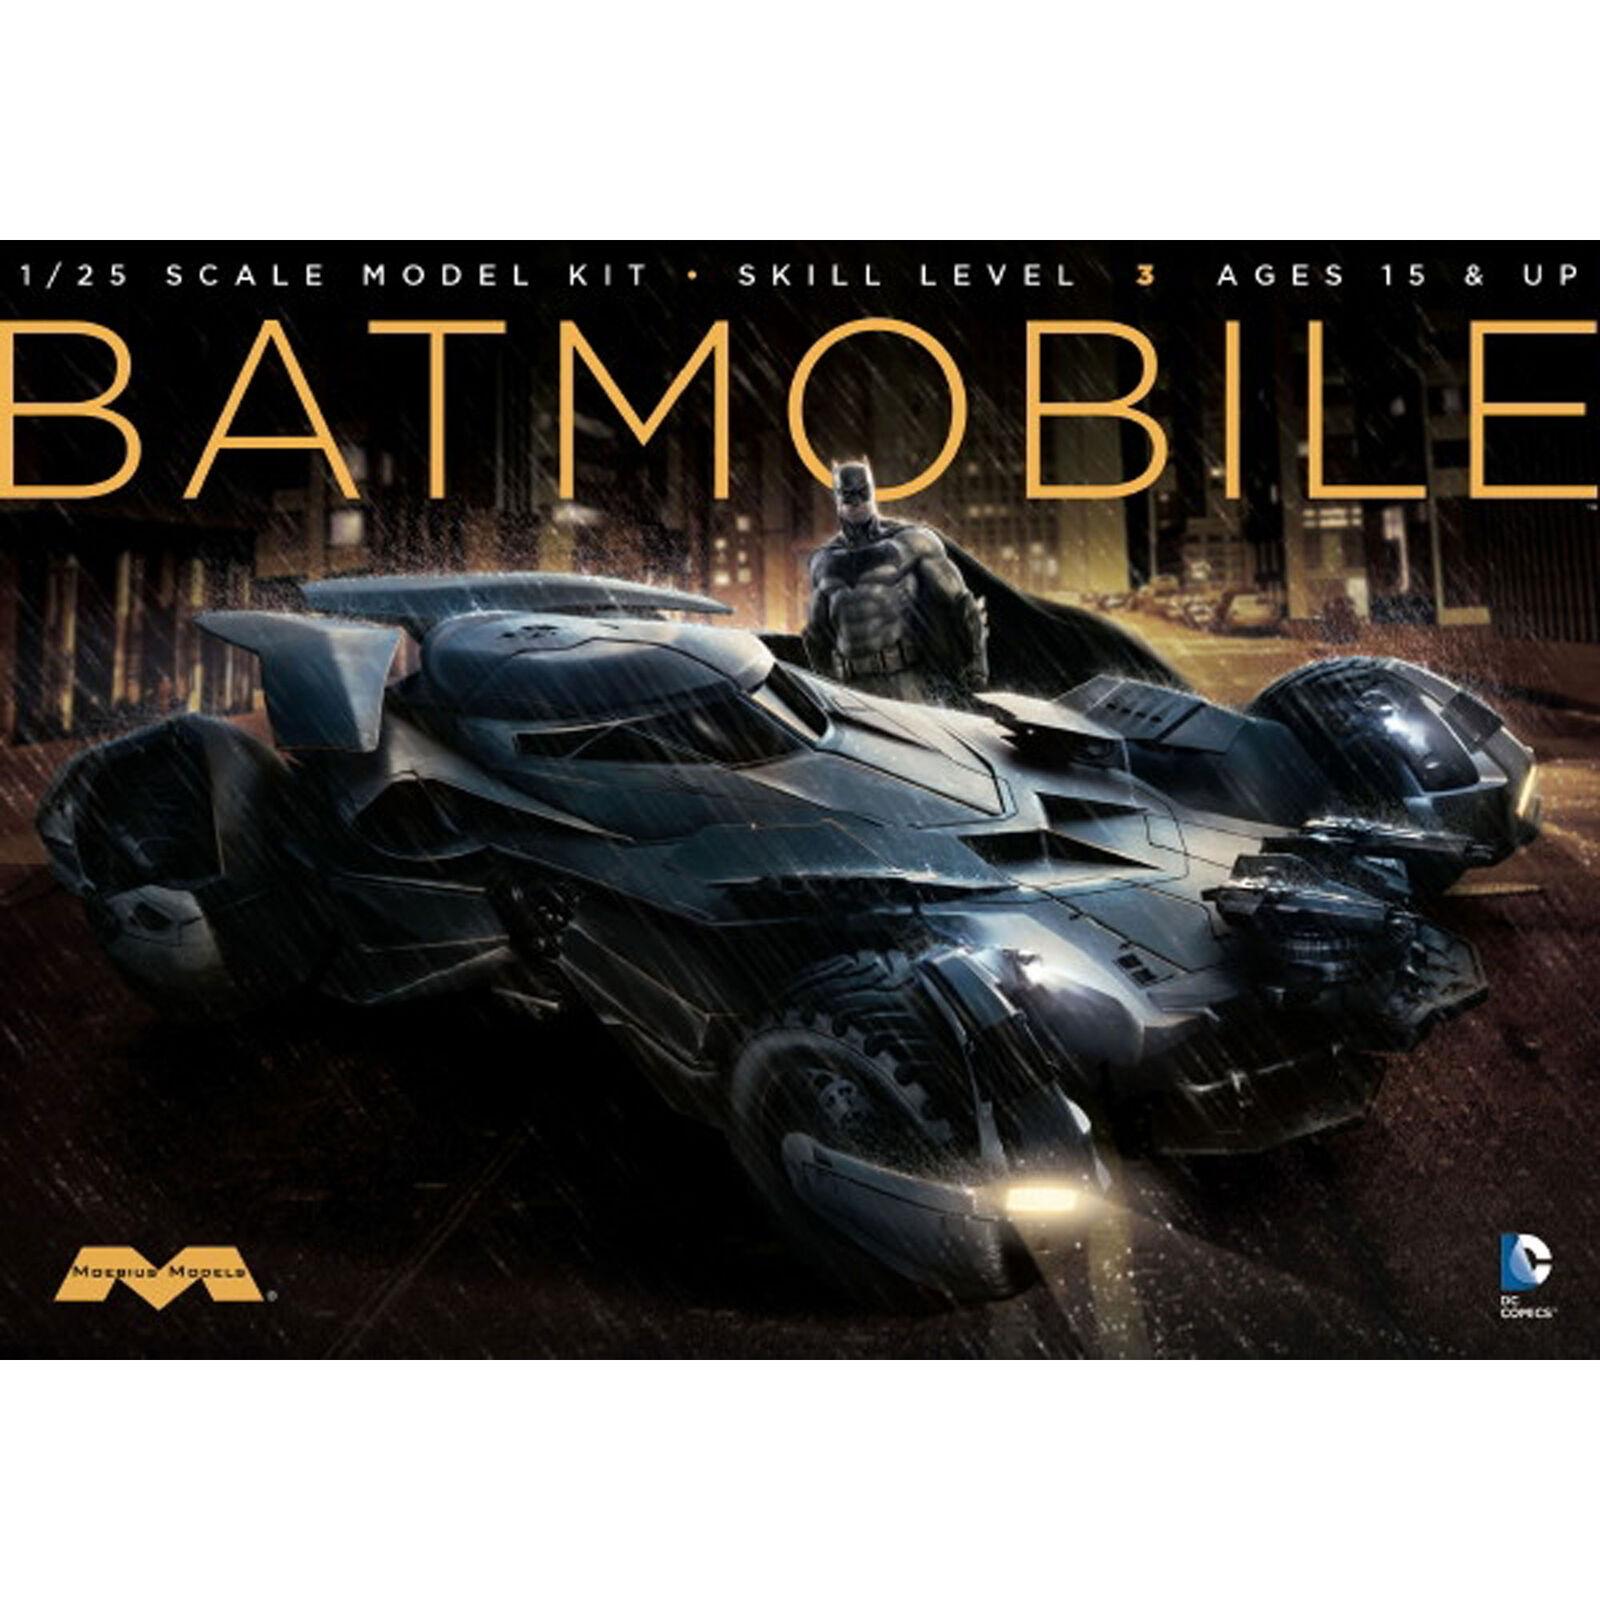 Batman Vs Superman: Dawn of Justice Batmobile